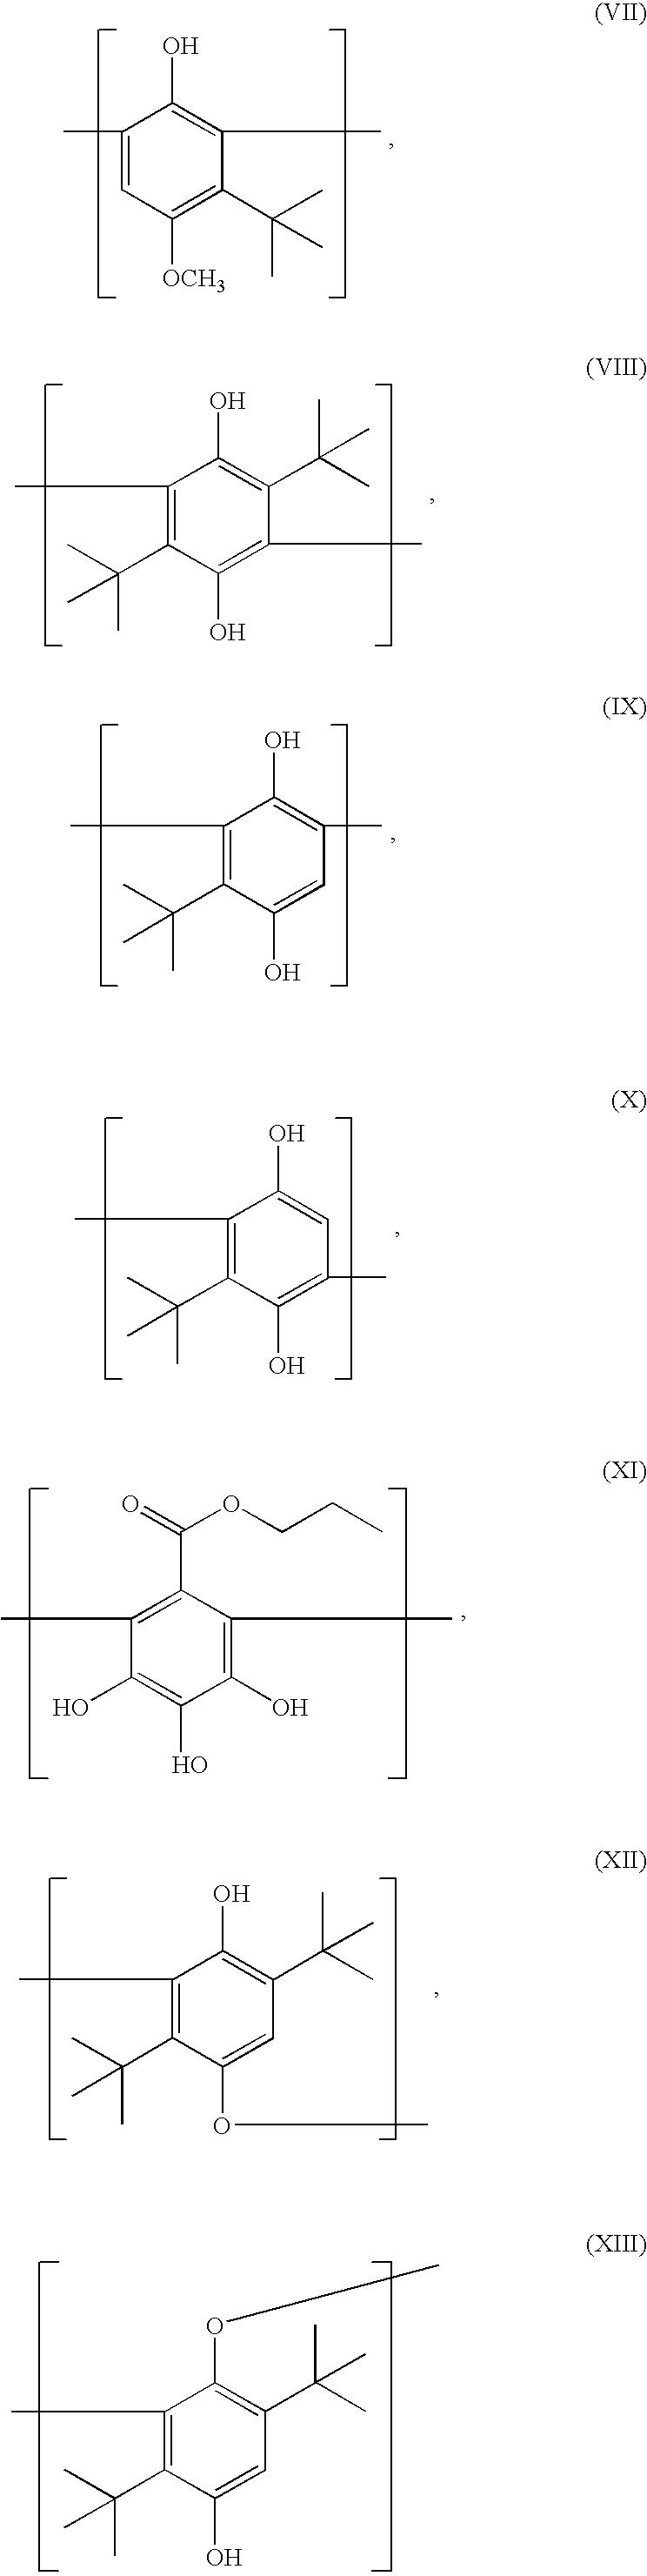 Figure US20030230743A1-20031218-C00009